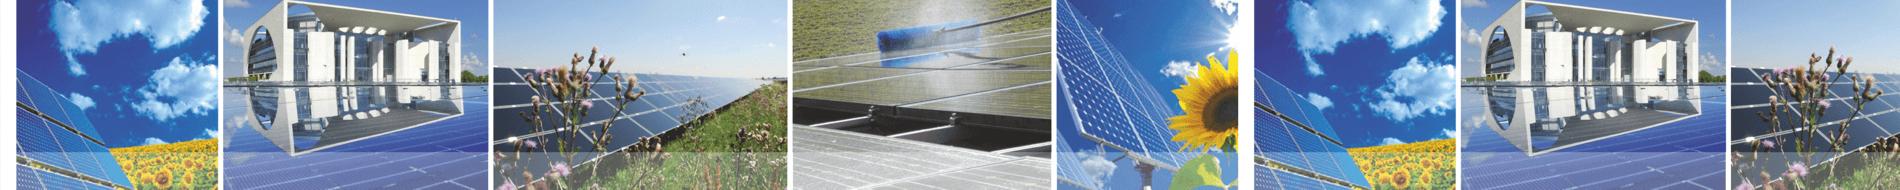 Reinigung SolarAnlagen